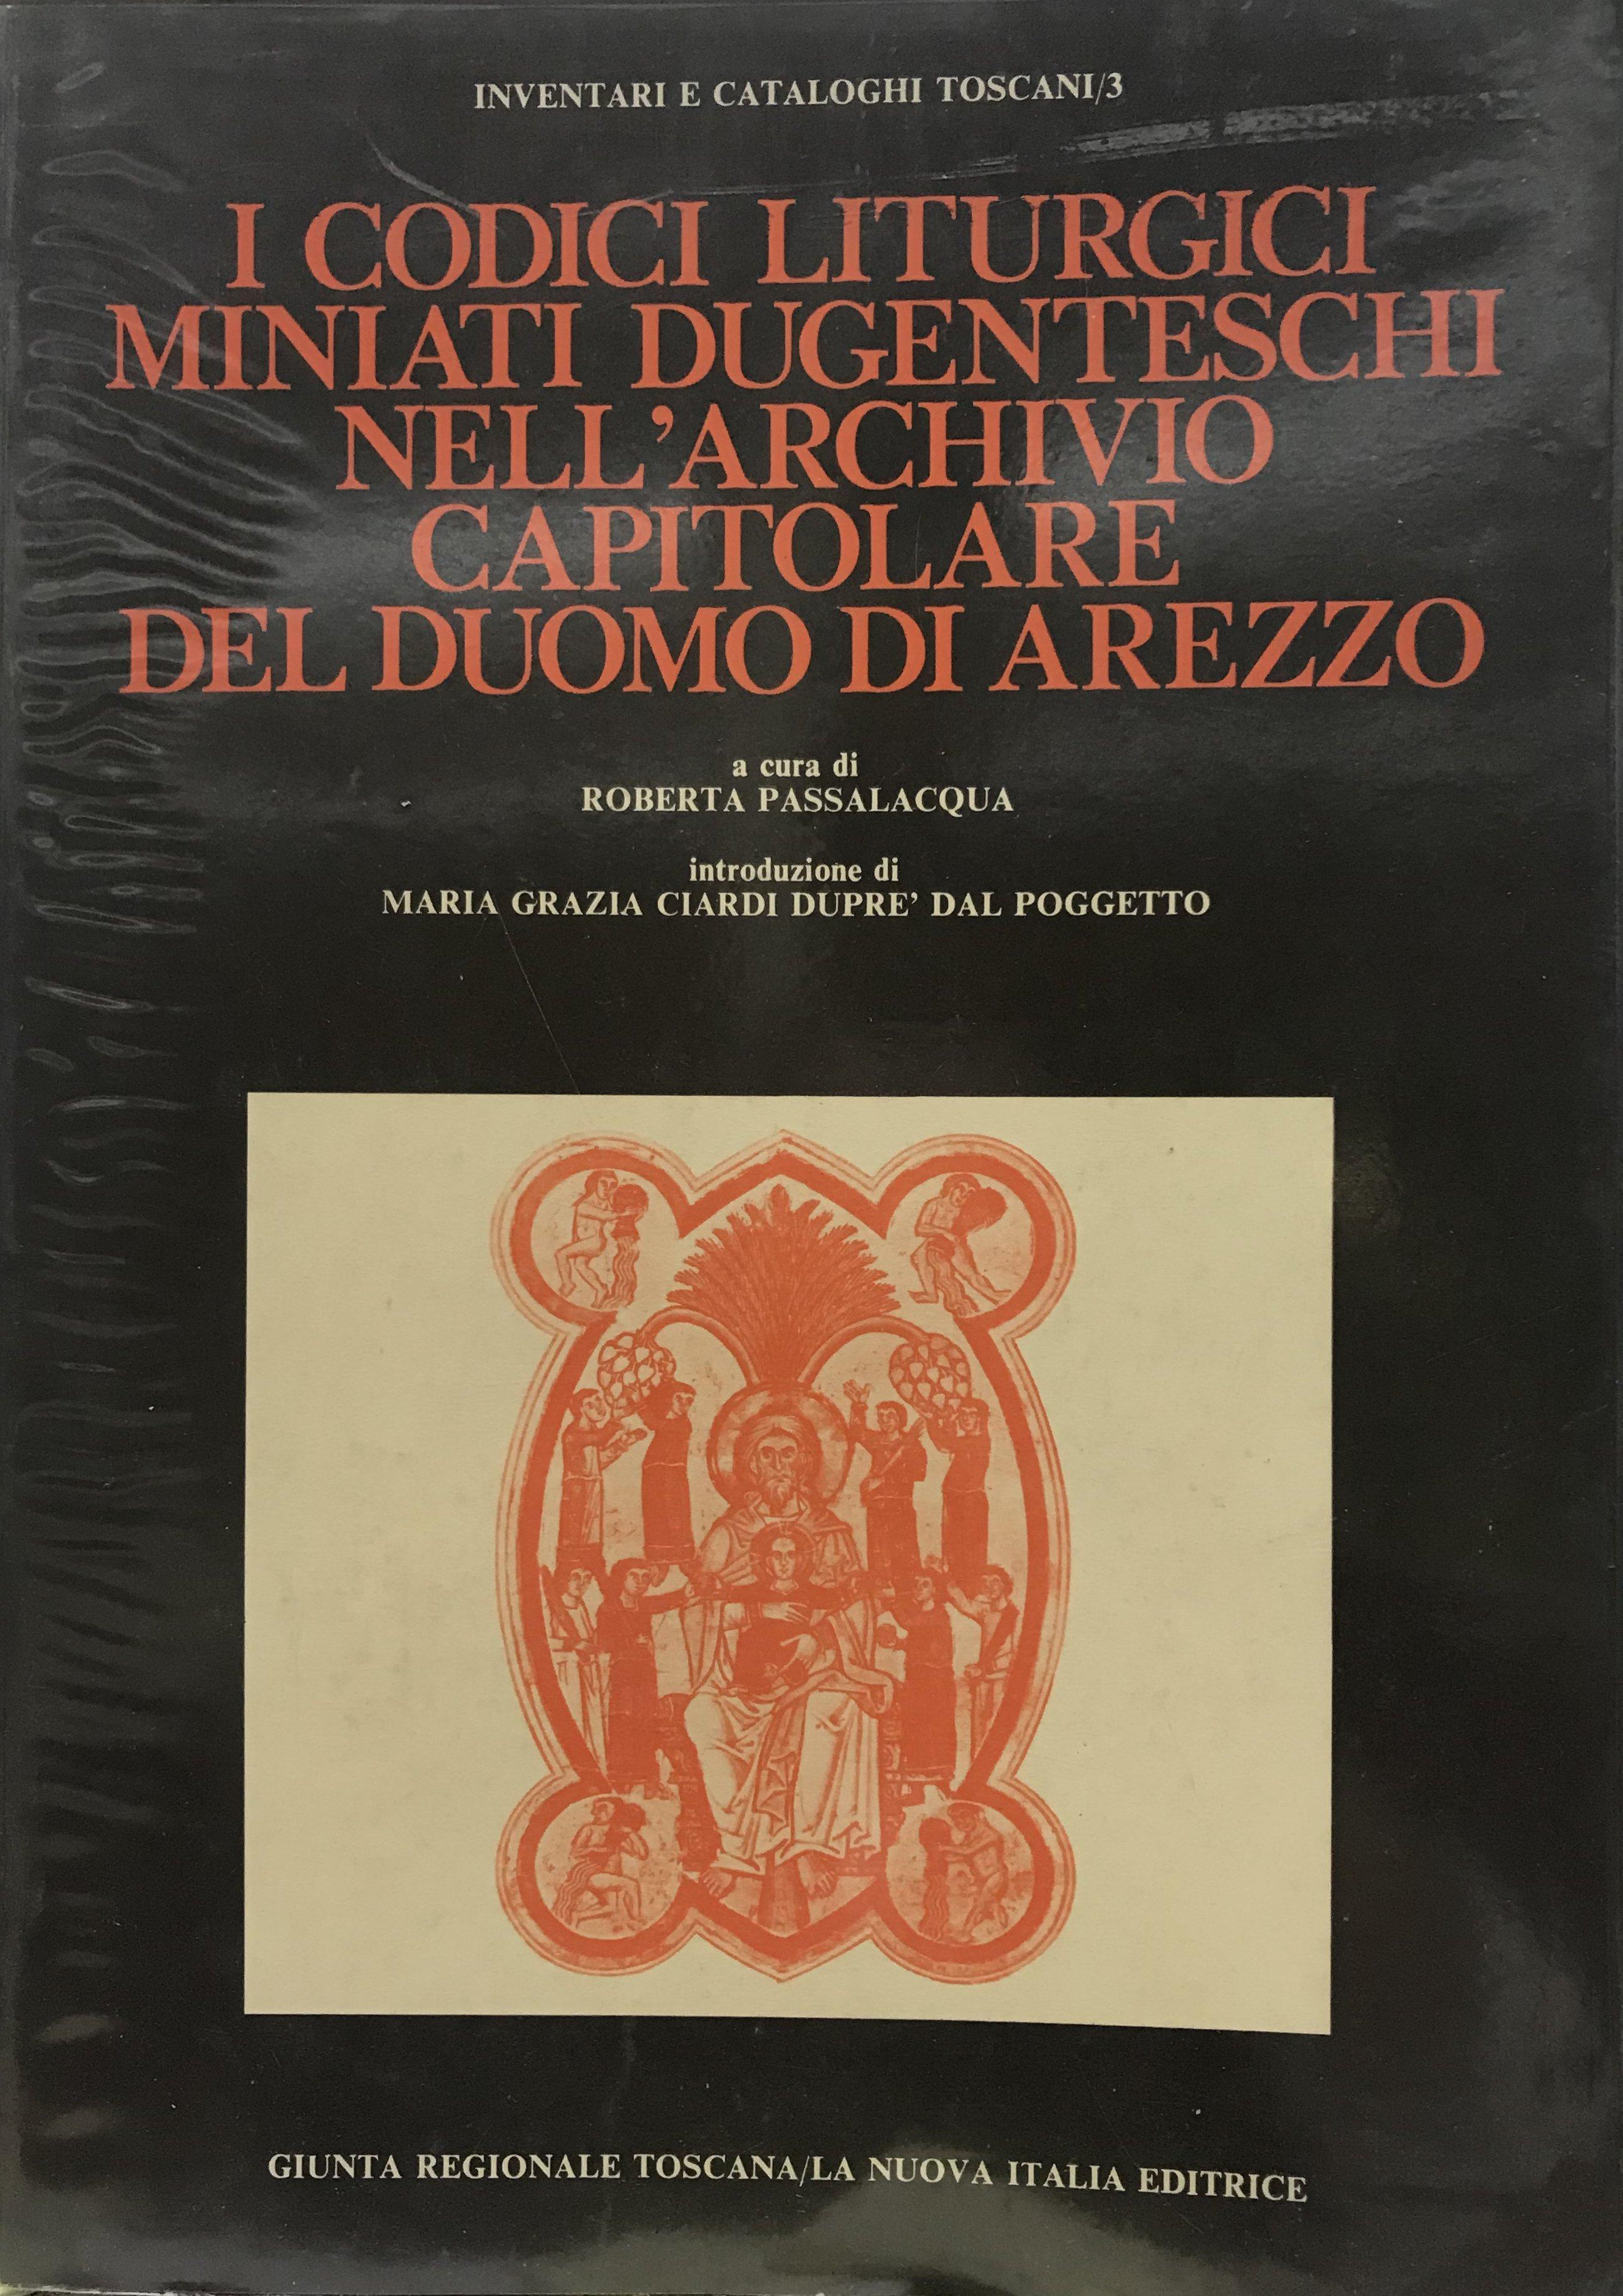 I codici liturgici miniati dugenteschi nell'Archivio capitolare del Duomo di Arezzo